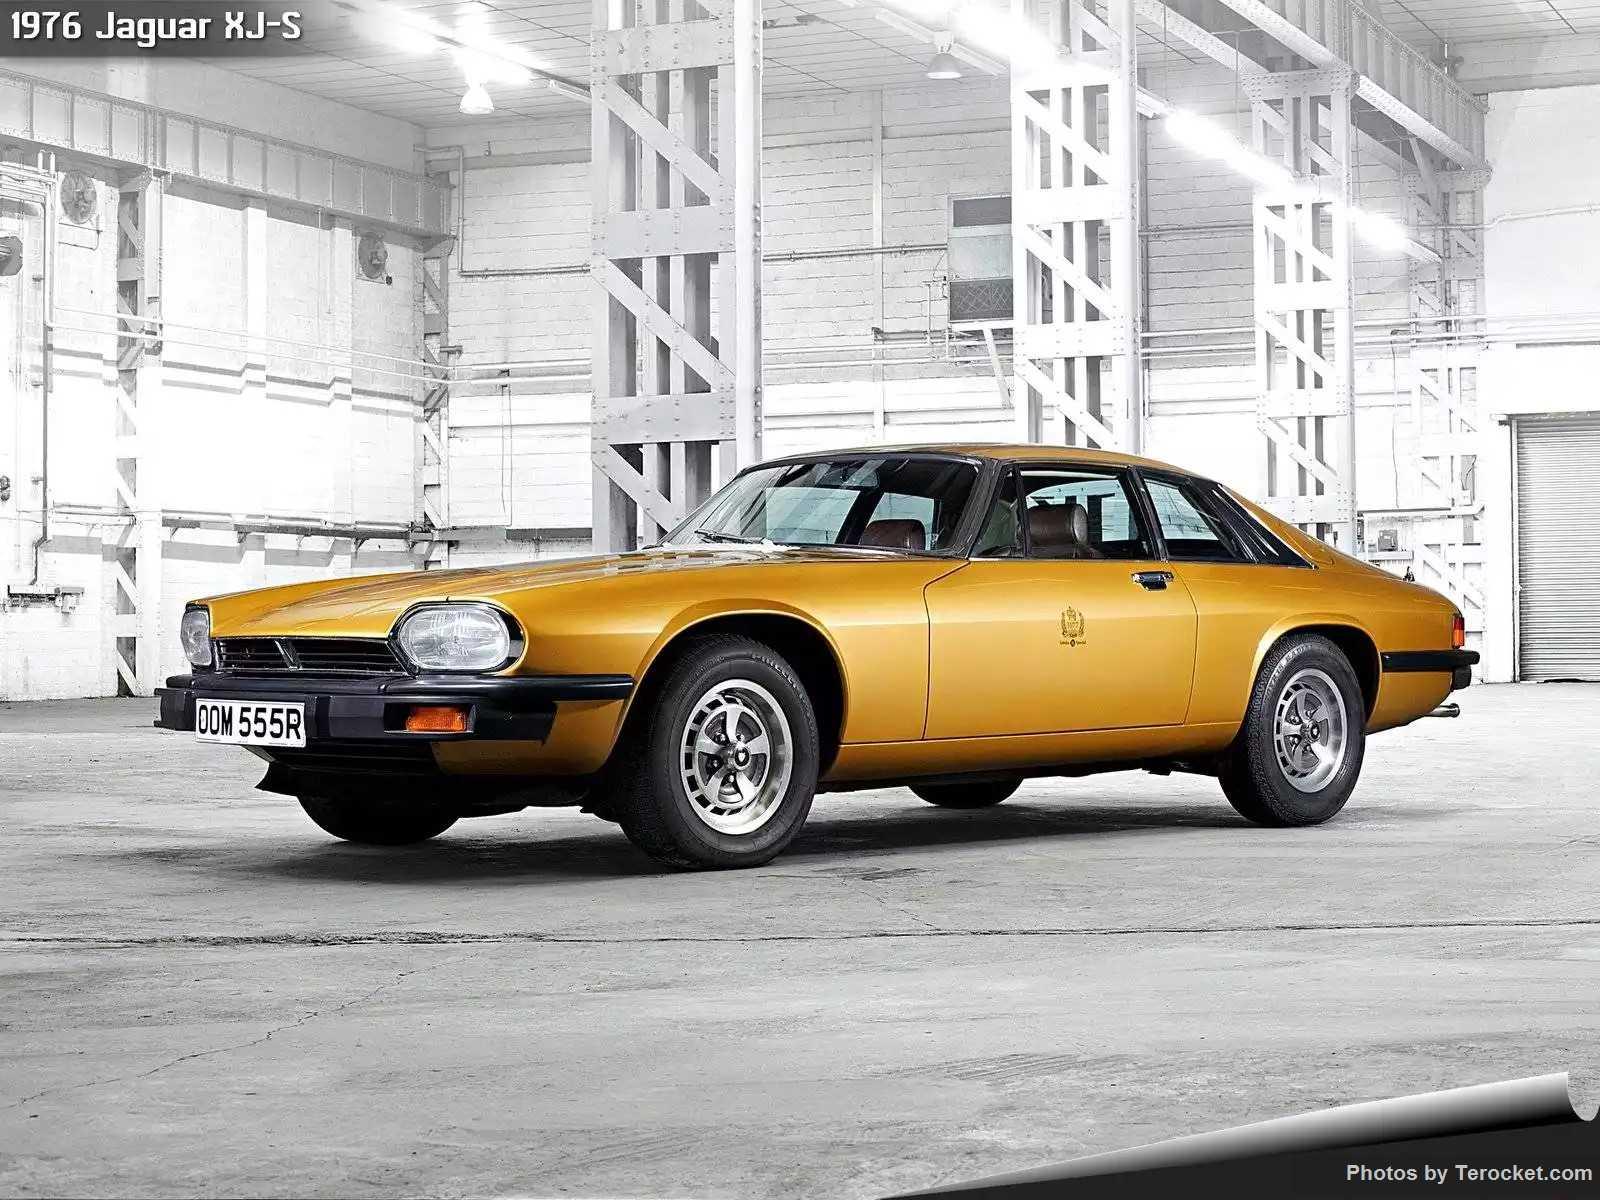 Hình ảnh xe ô tô Jaguar XJ-S 1976 & nội ngoại thất